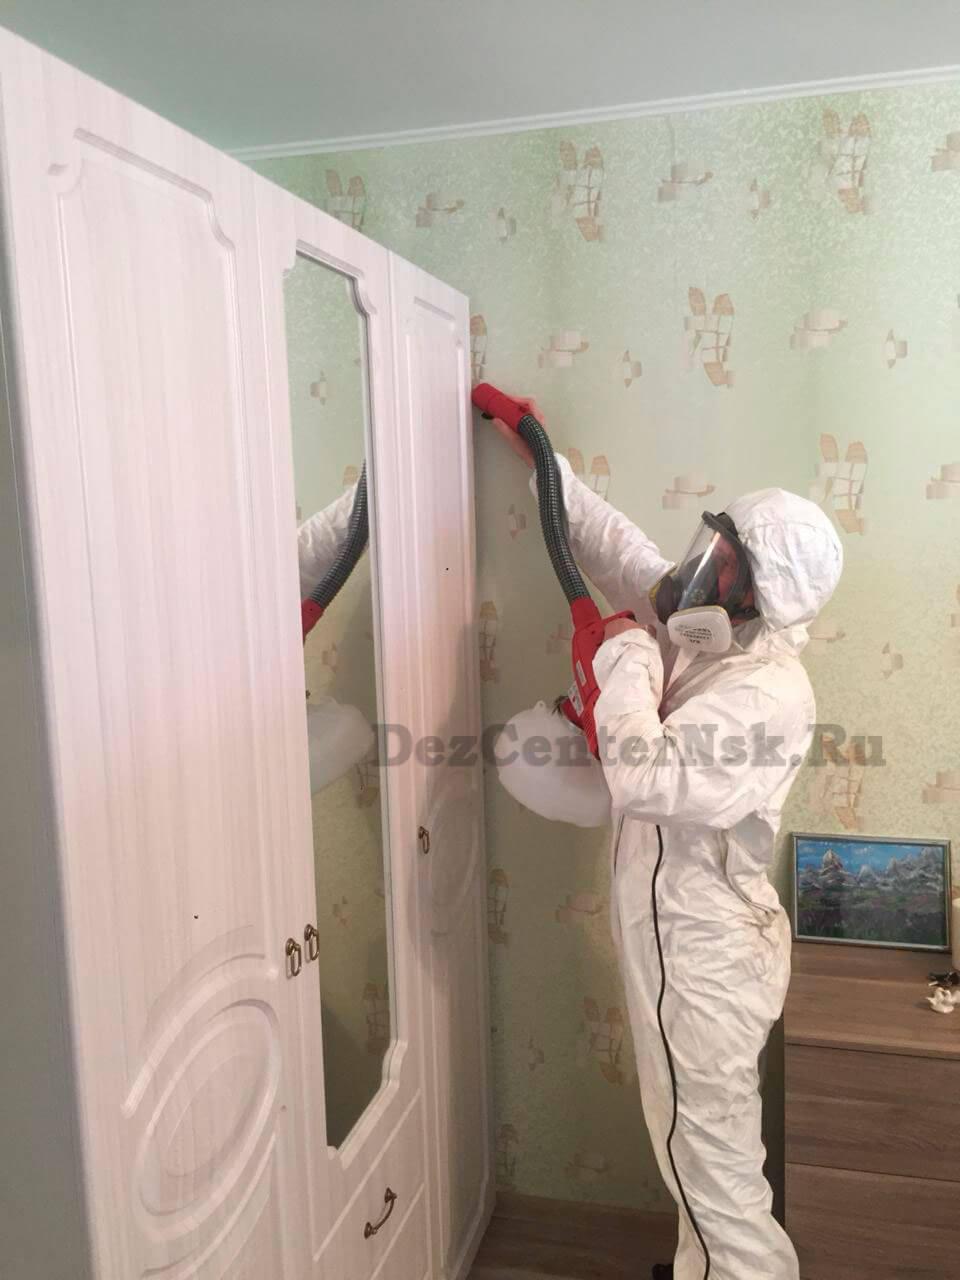 Уничтожение домашних клопов Новосибирск цена